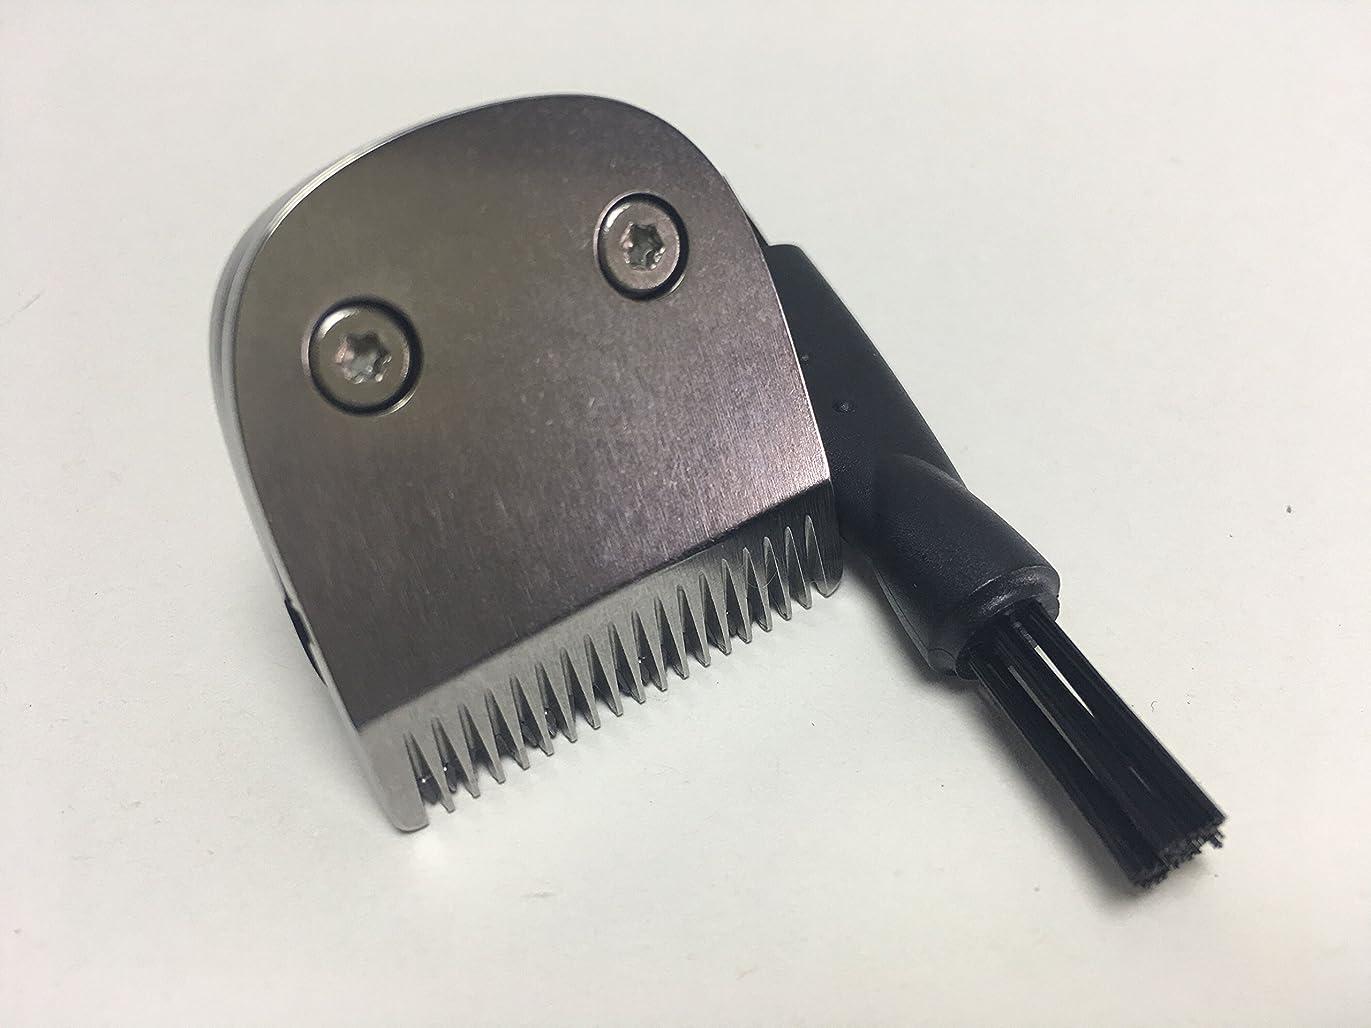 シェーバーヘッドバーバーブレード フィリップス QG3330/17 QG3330/16 QG3330/42 QG3330/49 QG3329/15 QG3321/16 ノレッコ ワン?ブレード 交換用ブレード For Philips Shaver Razor Head Blade clipper Cutter